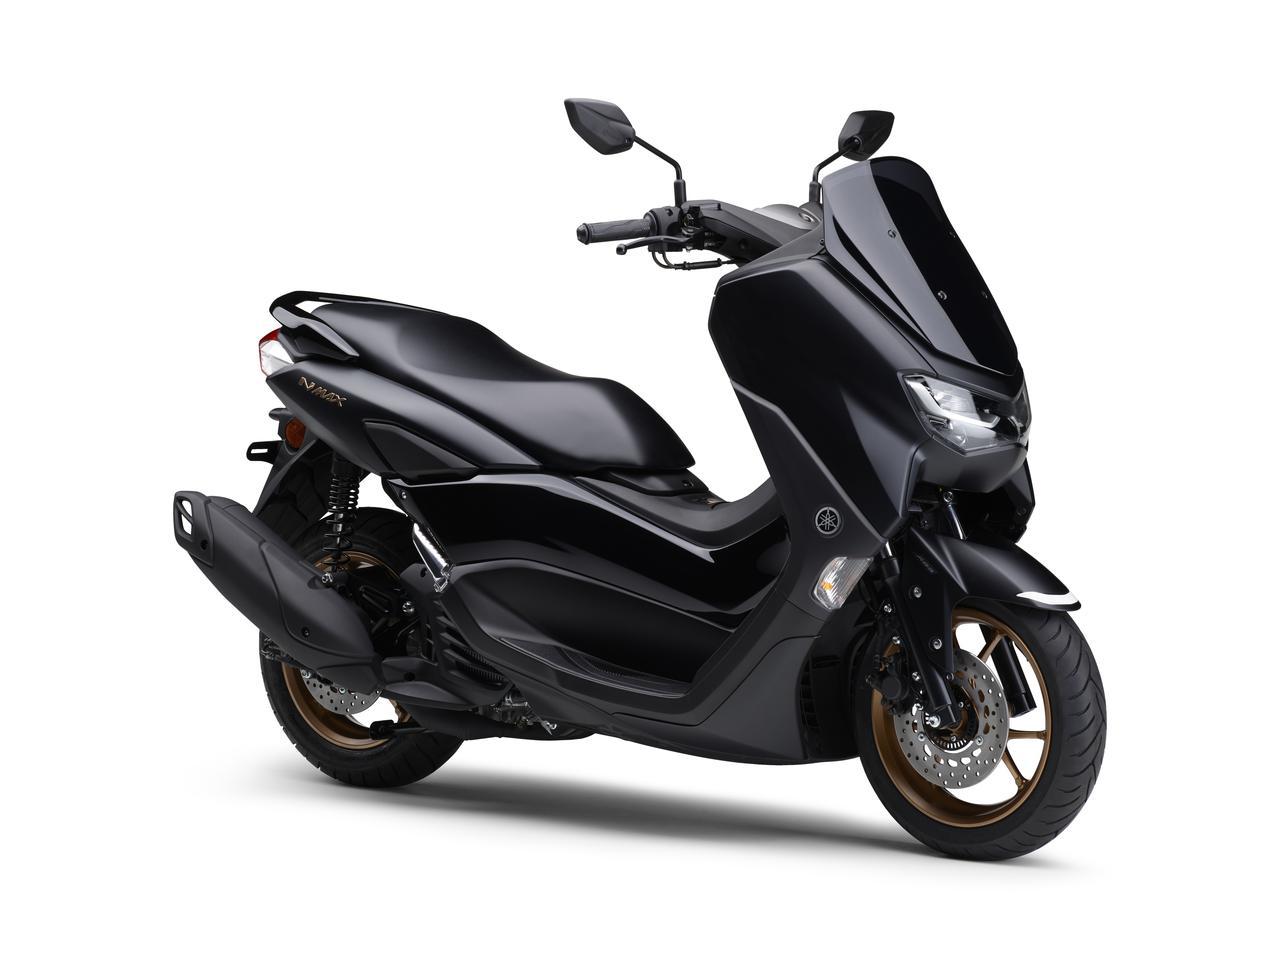 画像6: ヤマハが新型「NMAX ABS」を発売! エンジン改良&新フレームの採用とともにトラコンやスマホ連携機能も新搭載